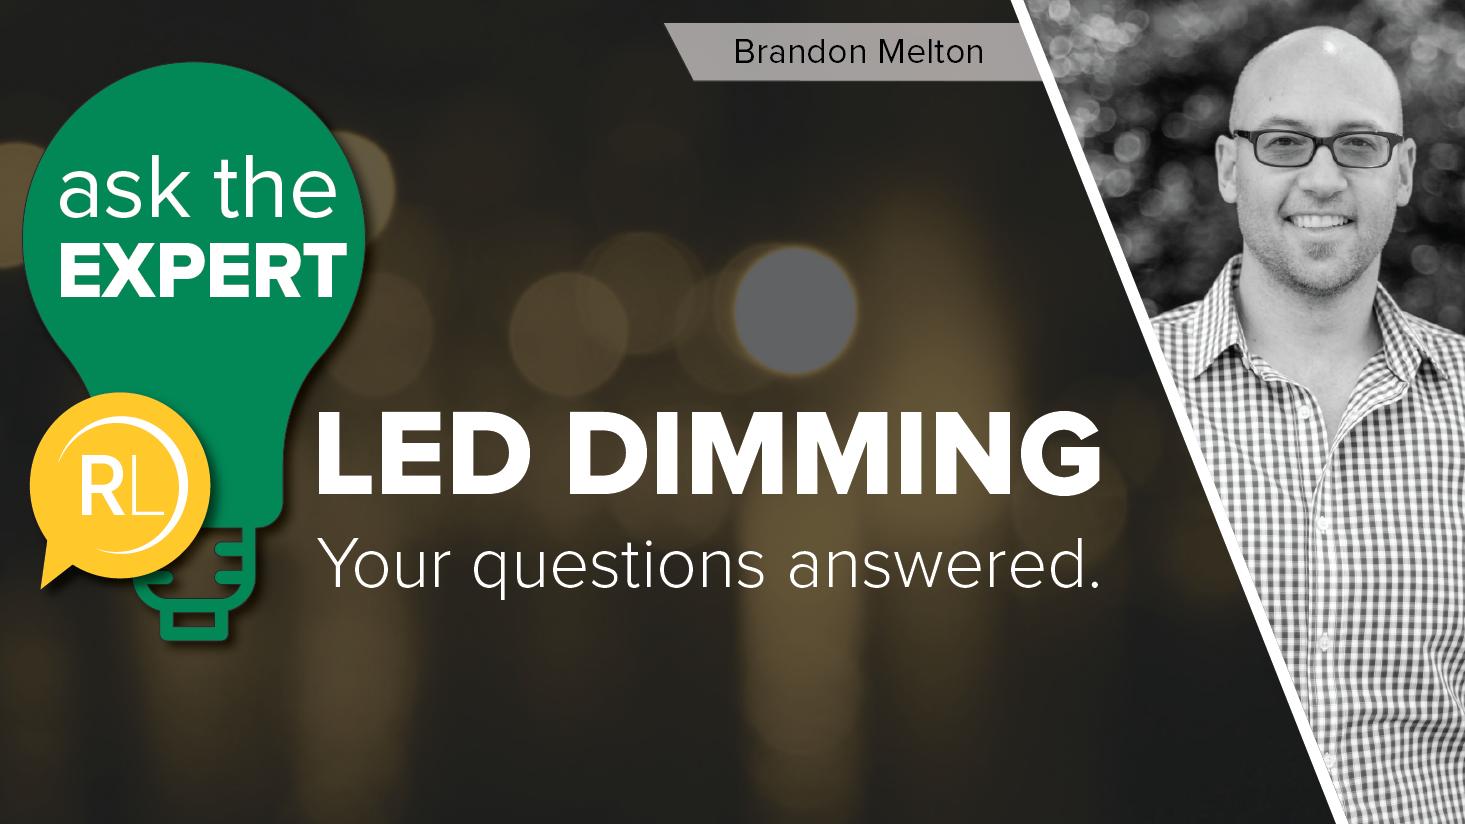 Ask-the-Expert-Series-LEDDimming-BlogHeader-BrandonMelton